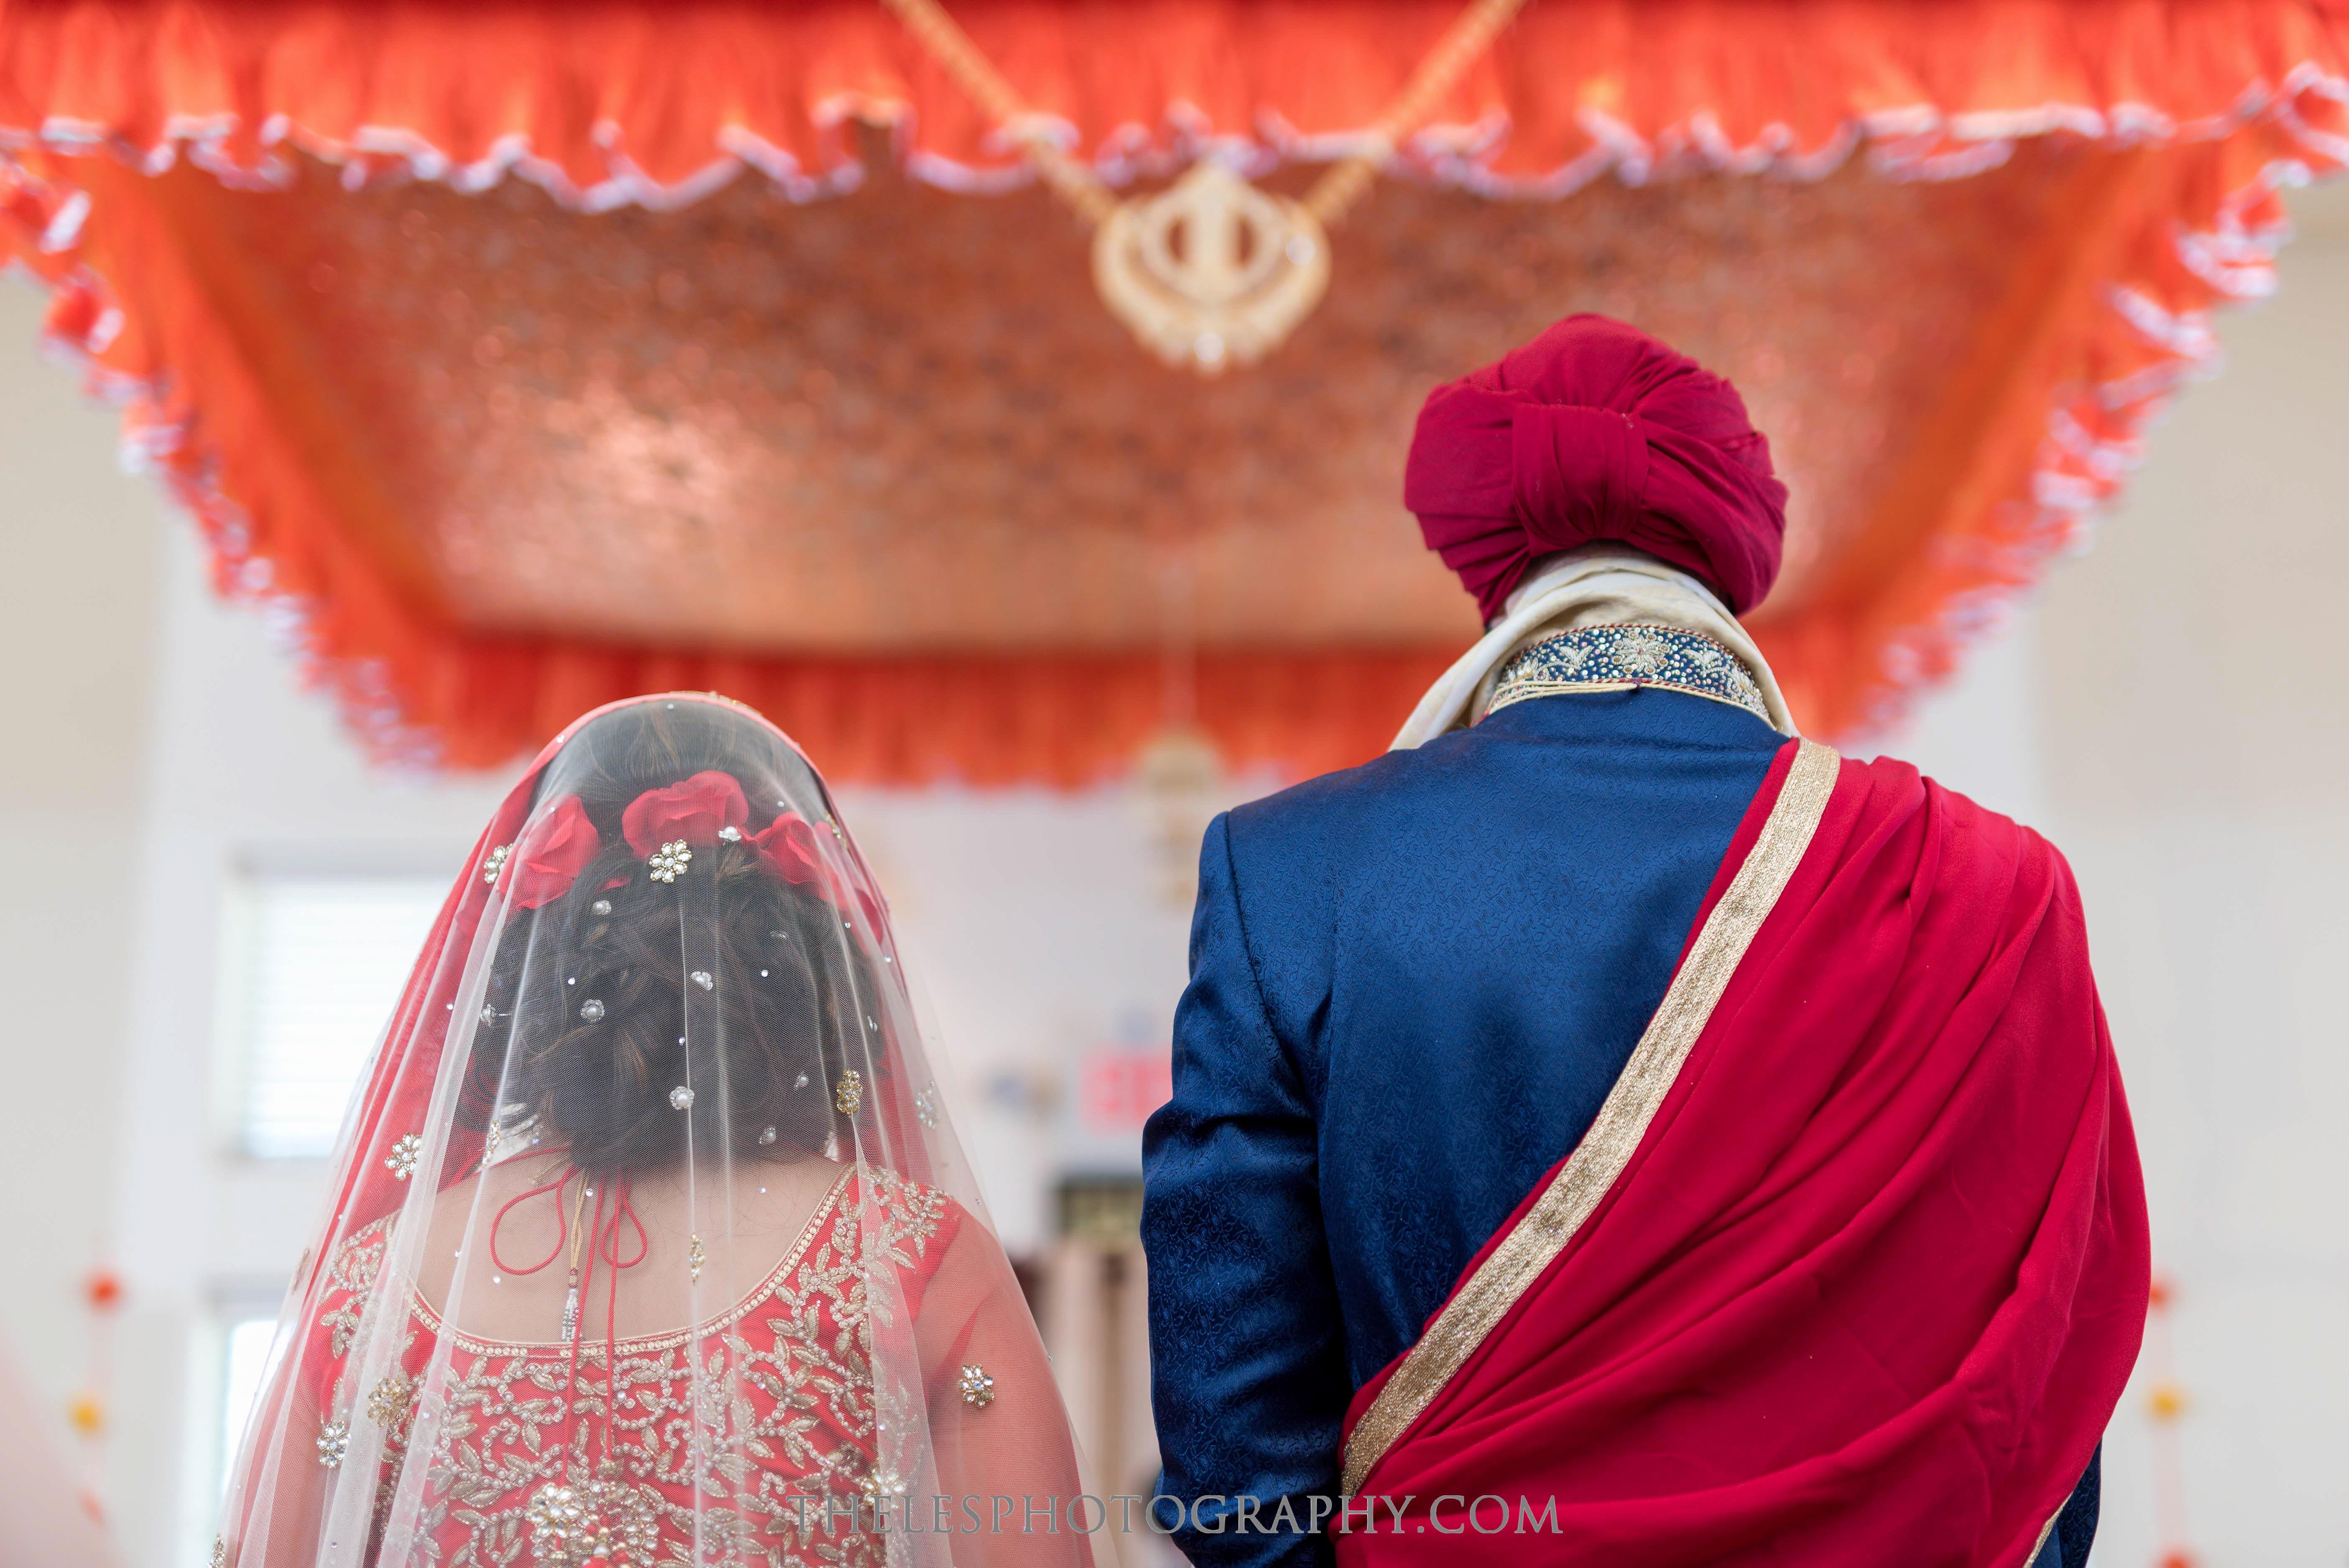 The Les Photography - Punjabi Wedding - Sikh Indian Wedding - Dallas Wedding Photographer 33